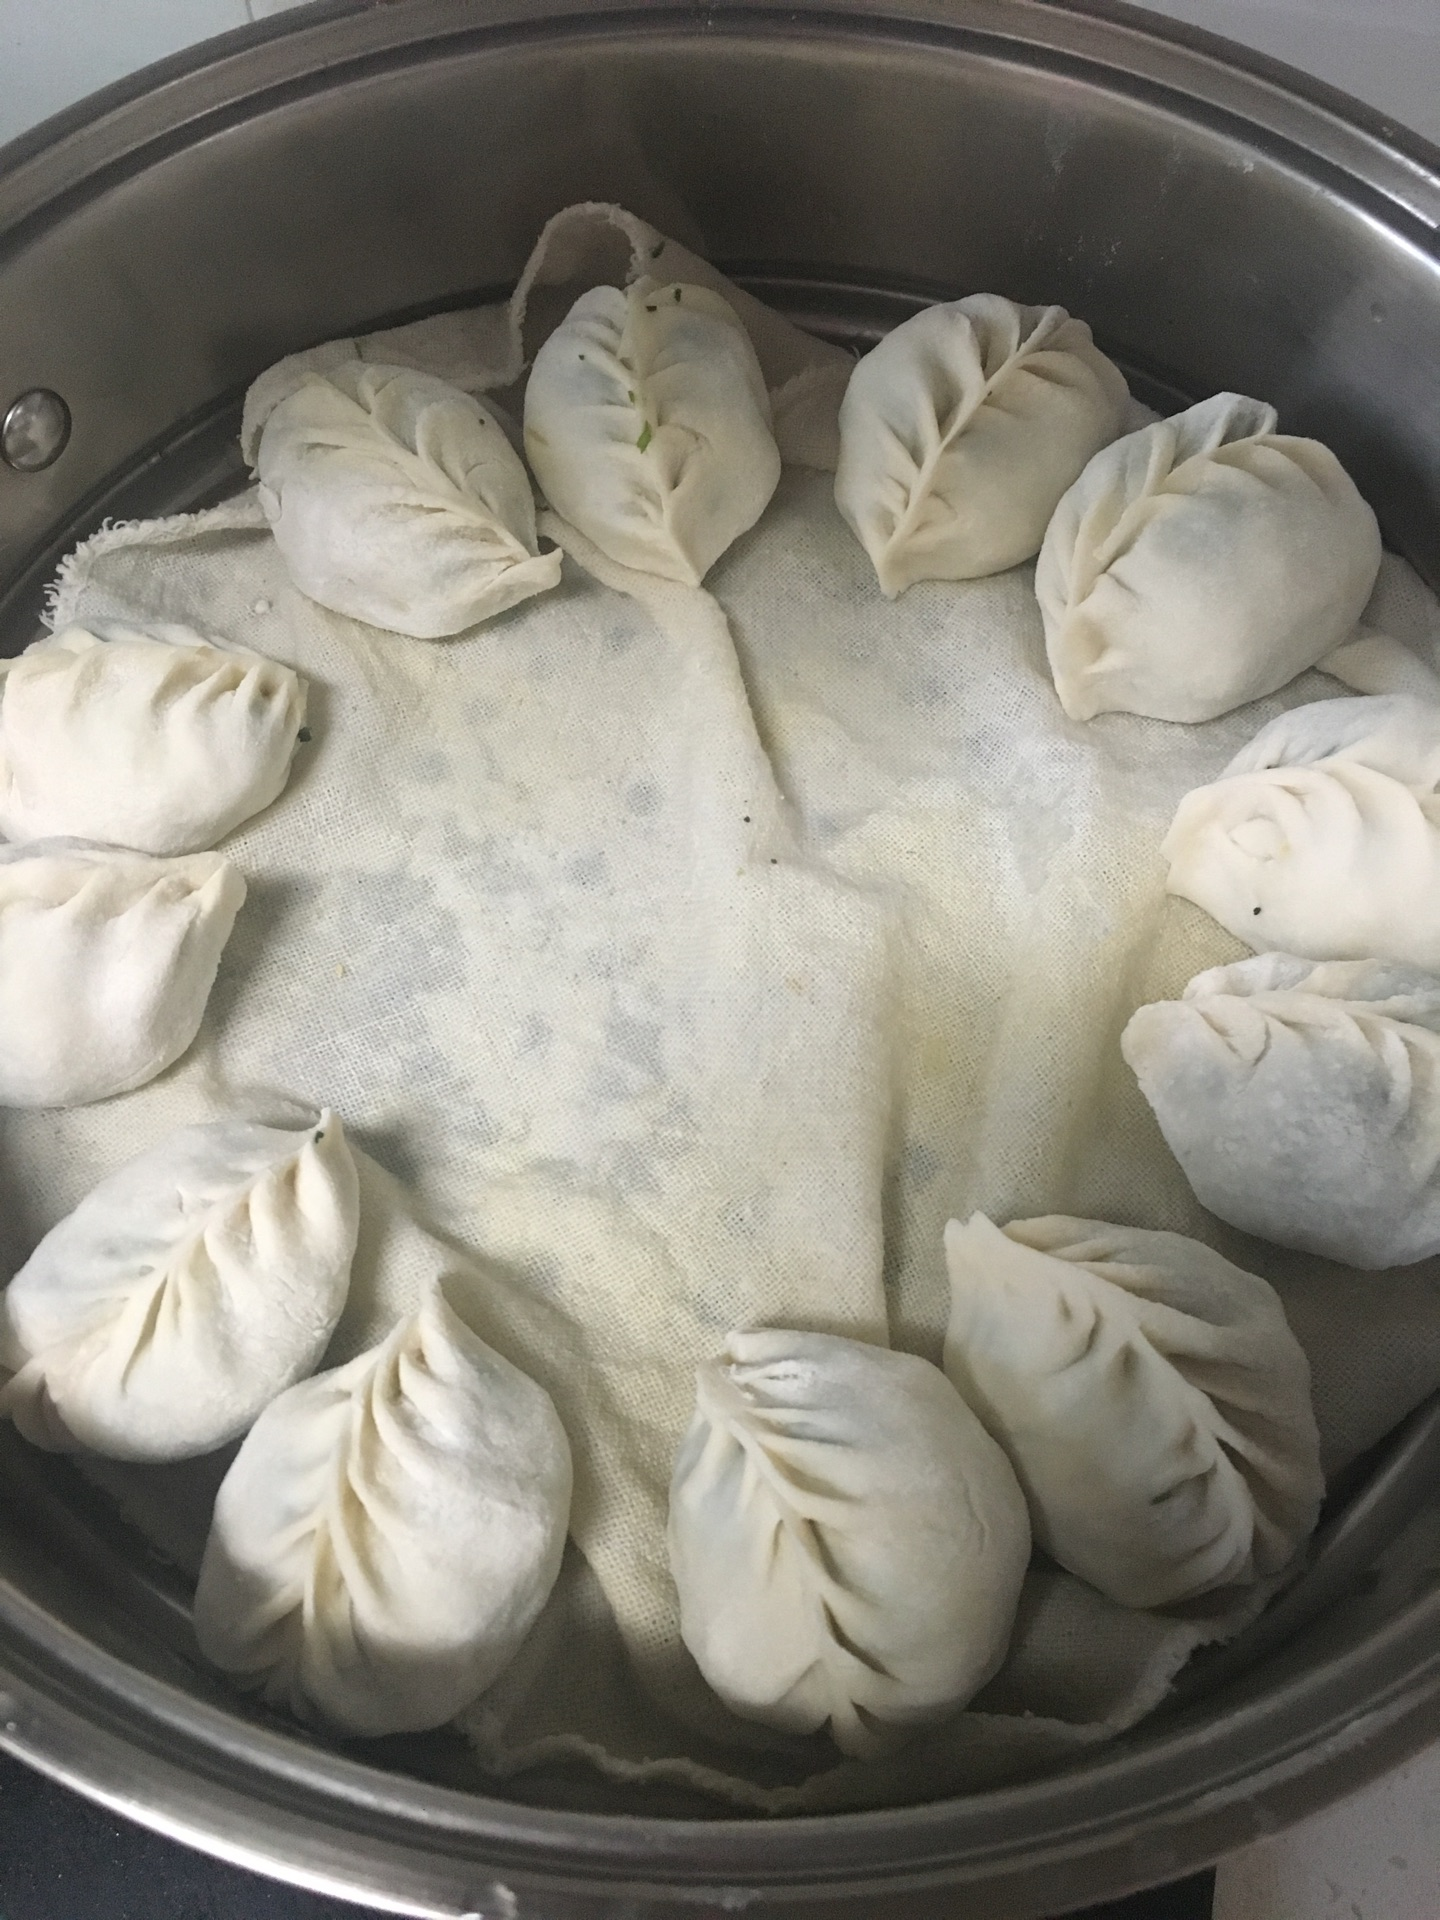 包饺子的步骤就省略了,根据自己的喜好和手艺包成不同形状的饺子吧